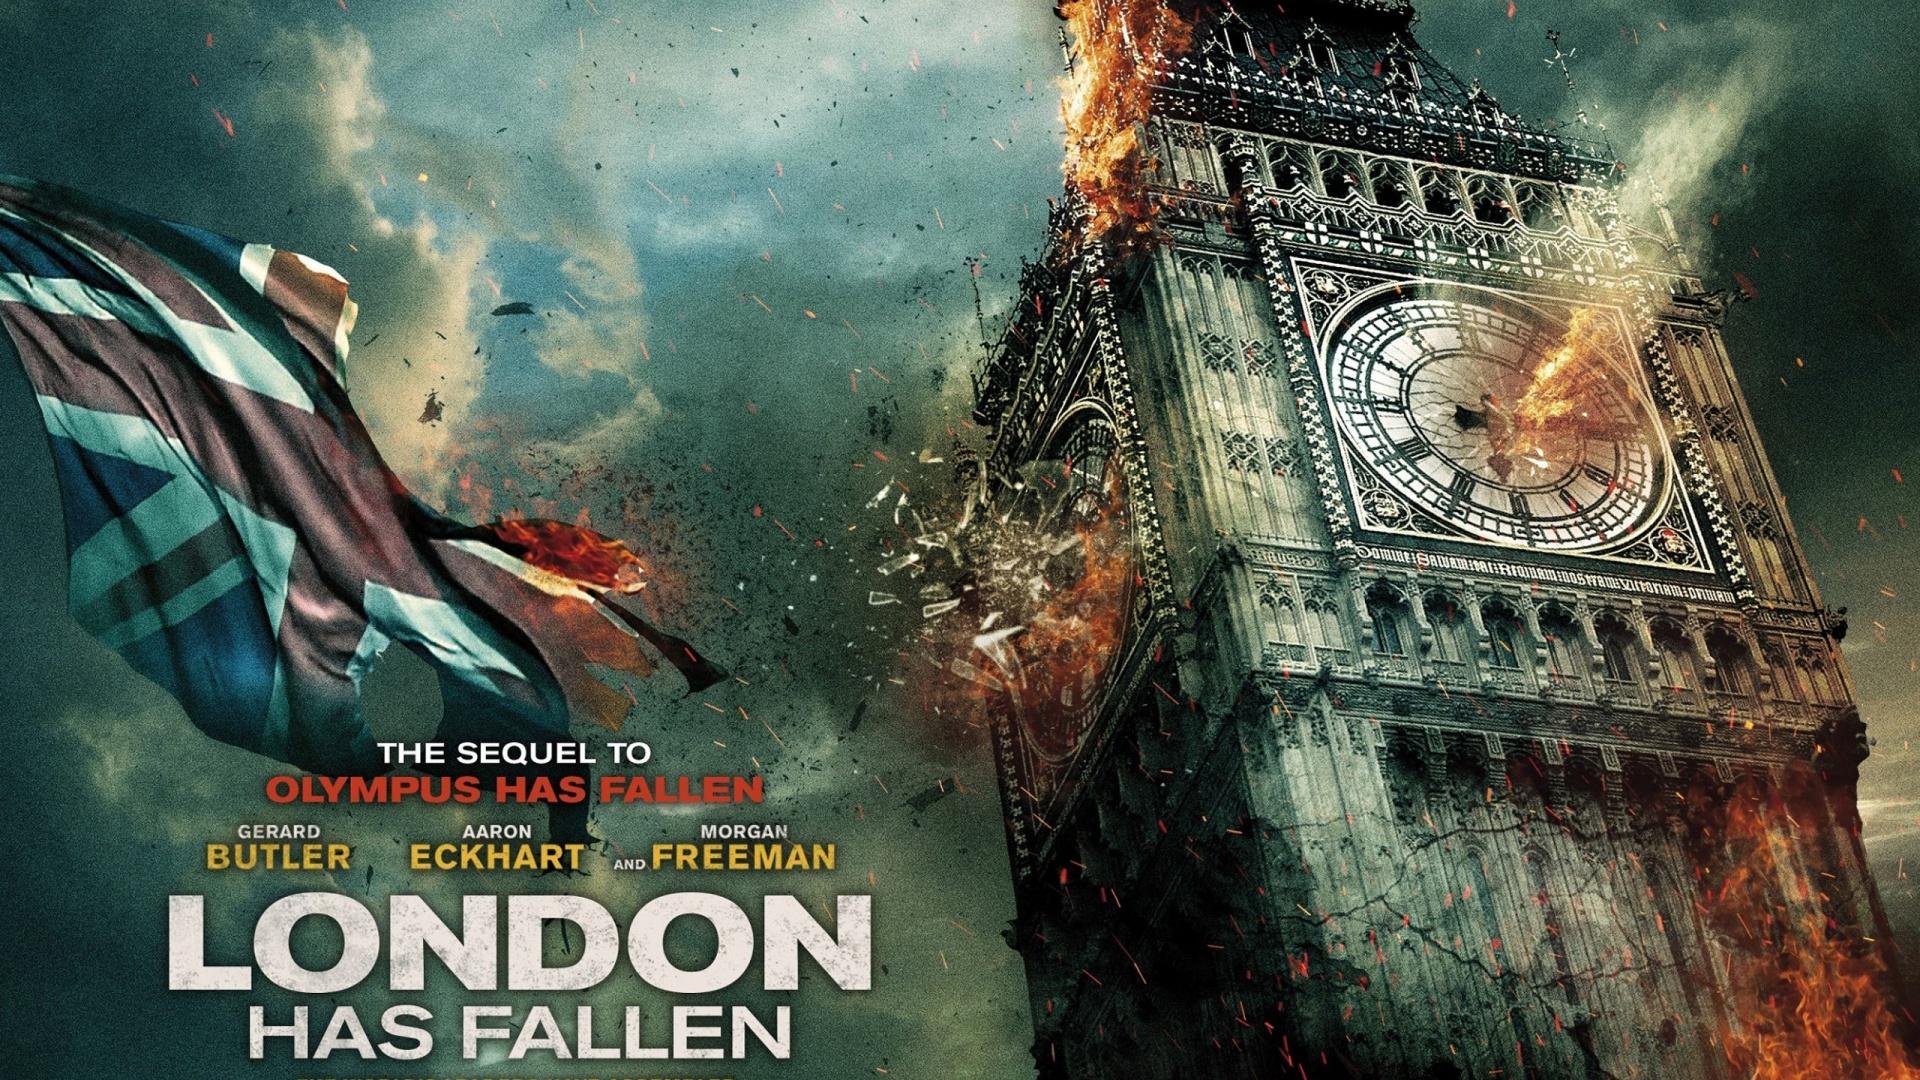 London Has Fallen 2015 Movie Wallpapers HD Wallpapers 1920x1080